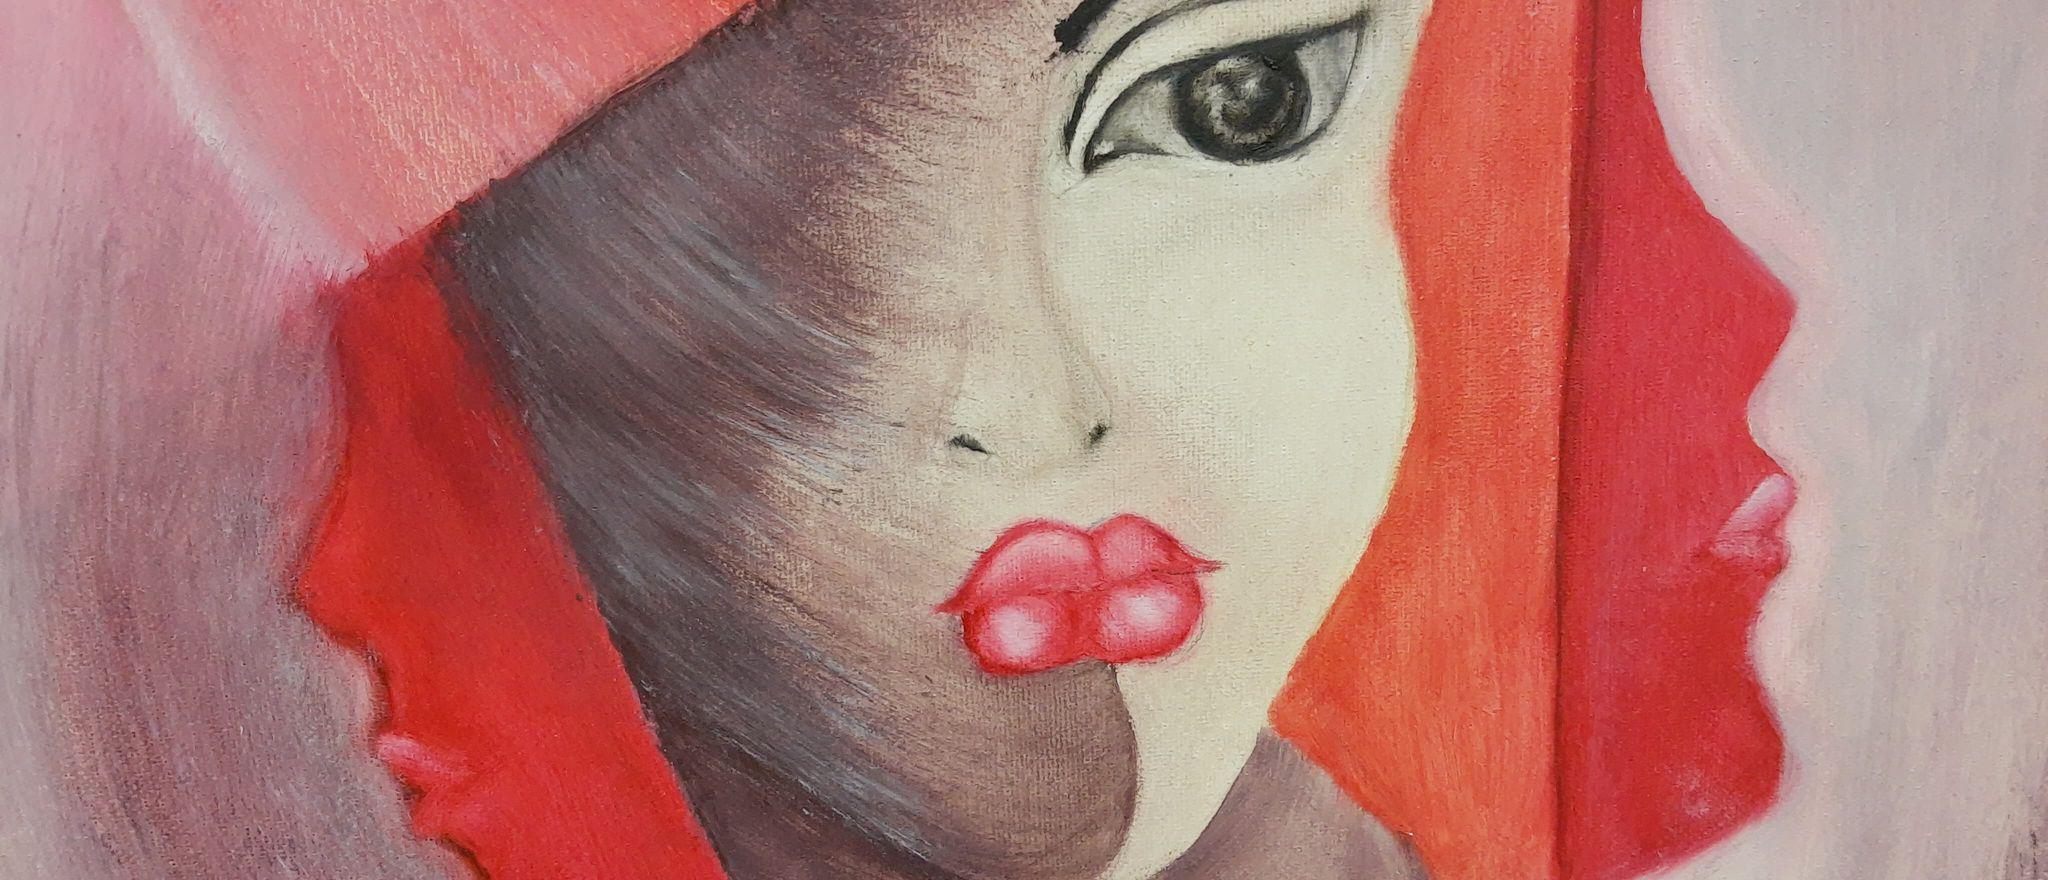 Wystawa obrazów Barbary Wójciak